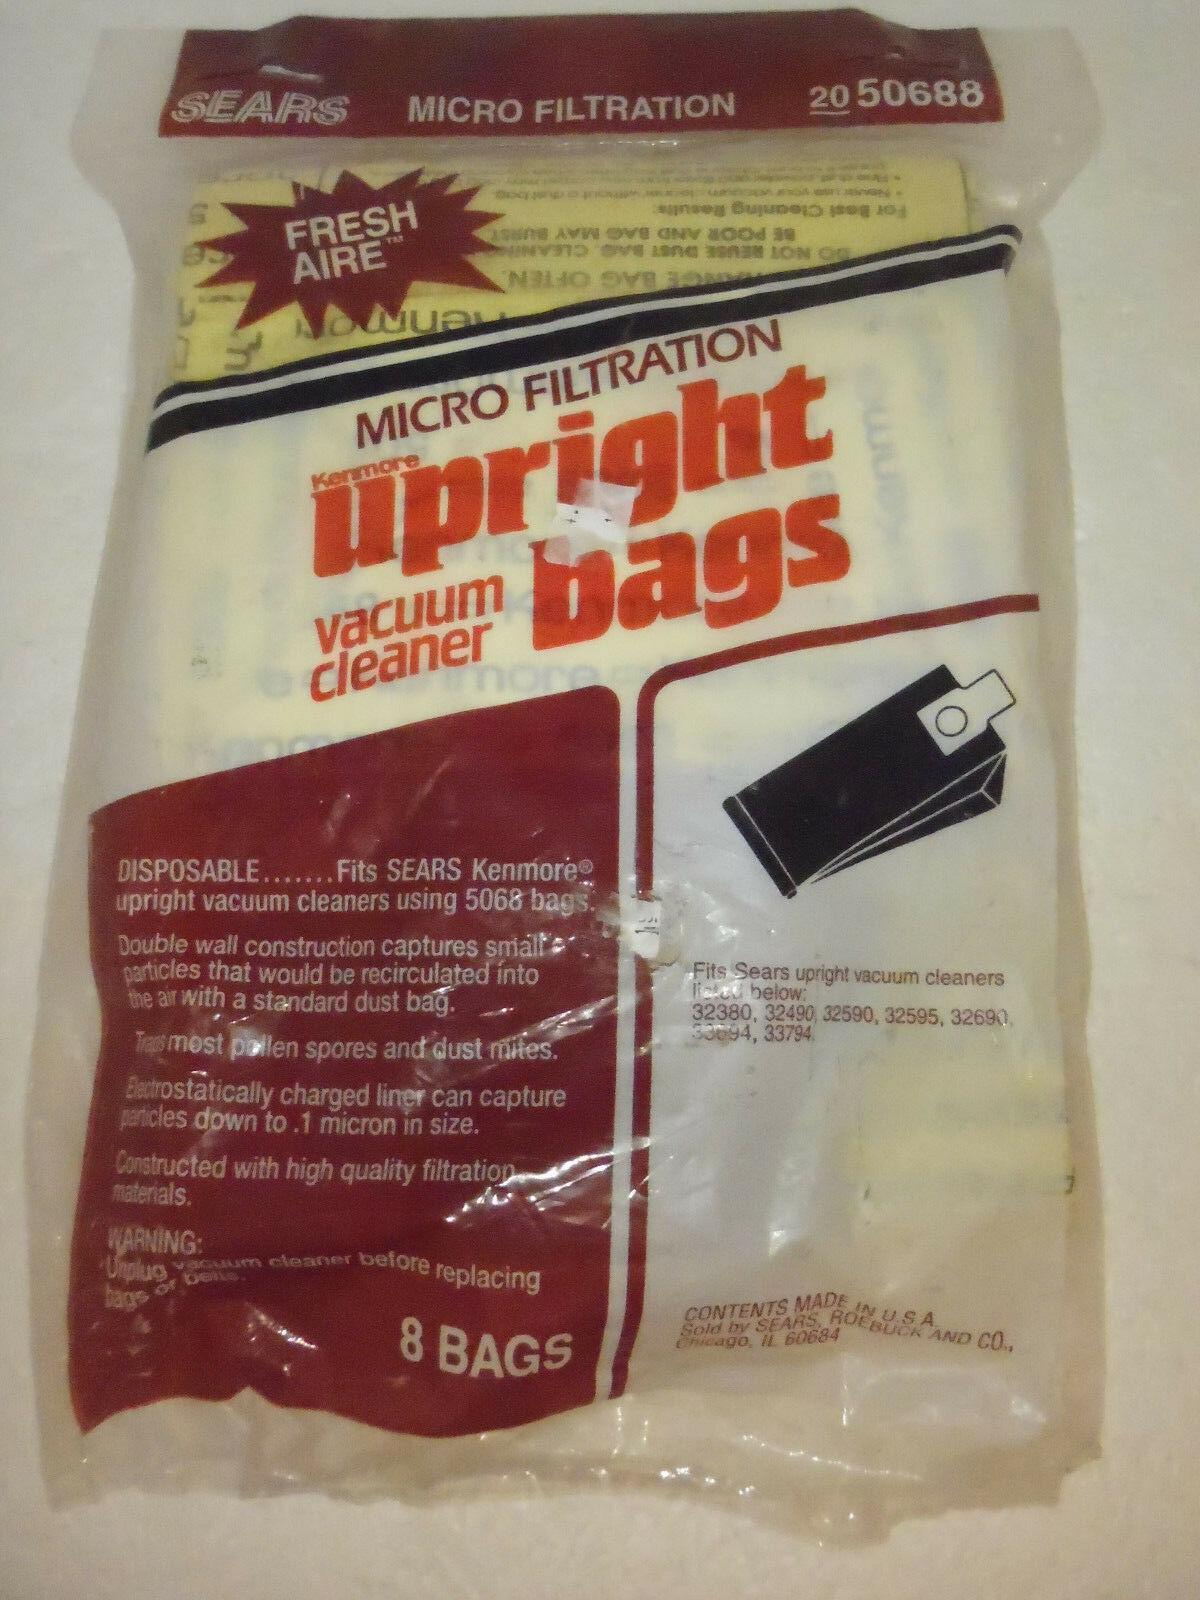 8 NEW ORIGINAL SEARS KENMORE VACUUM CLEANER BAGS 20-50688